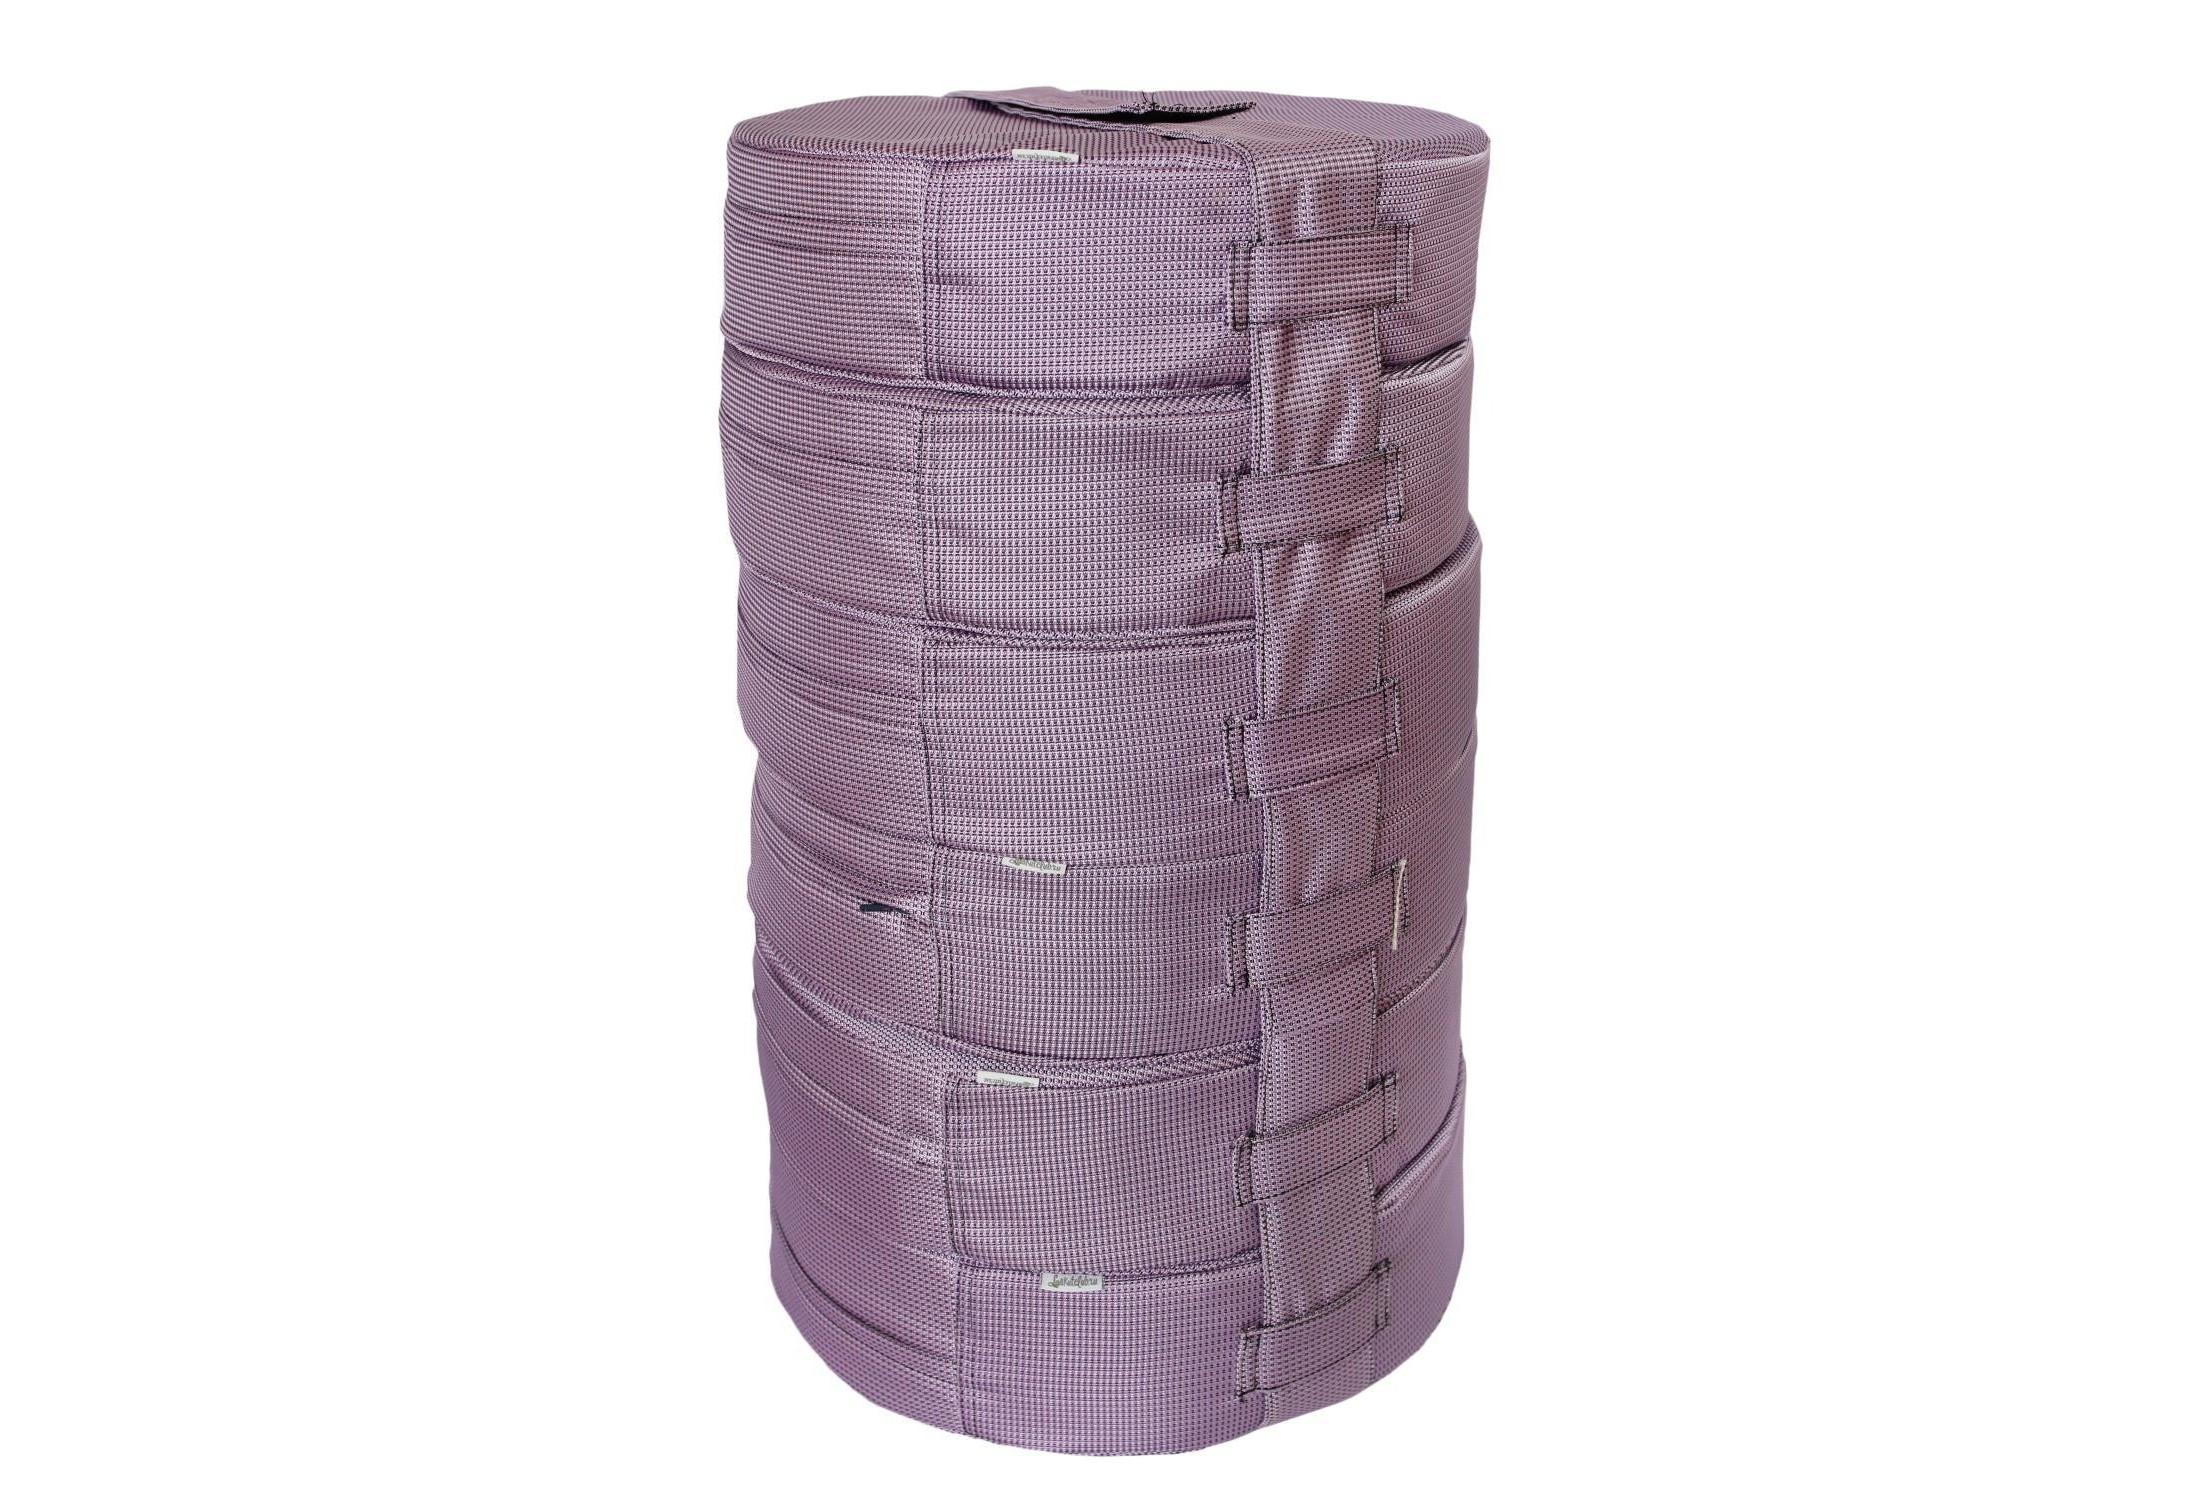 Подушка на пол lupin (6шт)Форменные пуфы<br>Мягкие и очень удобные подушки на пол из водооталкивающей ткани с наполнителем из поролона станут функциональным предметом для комфортного отдыха. Контраст вставки с основным цветом изделия добавит изюминку в ваше пространство! Подушка сшита из очень плотной ткани с водооталкивающей пропиткой с внешней стороны, поэтому идеально подойдет для уличного декора. Набор подушек удобно хранить и перевозить в машине, за счет компактной упаковки. При загрязнении ее достаточно протереть влажной салфеткой!&amp;amp;nbsp;&amp;lt;div&amp;gt;&amp;lt;br&amp;gt;&amp;lt;/div&amp;gt;&amp;lt;div&amp;gt;Размер каждой подушки 10х40 см.&amp;amp;nbsp;&amp;lt;/div&amp;gt;<br><br>Material: Текстиль<br>Высота см: 60